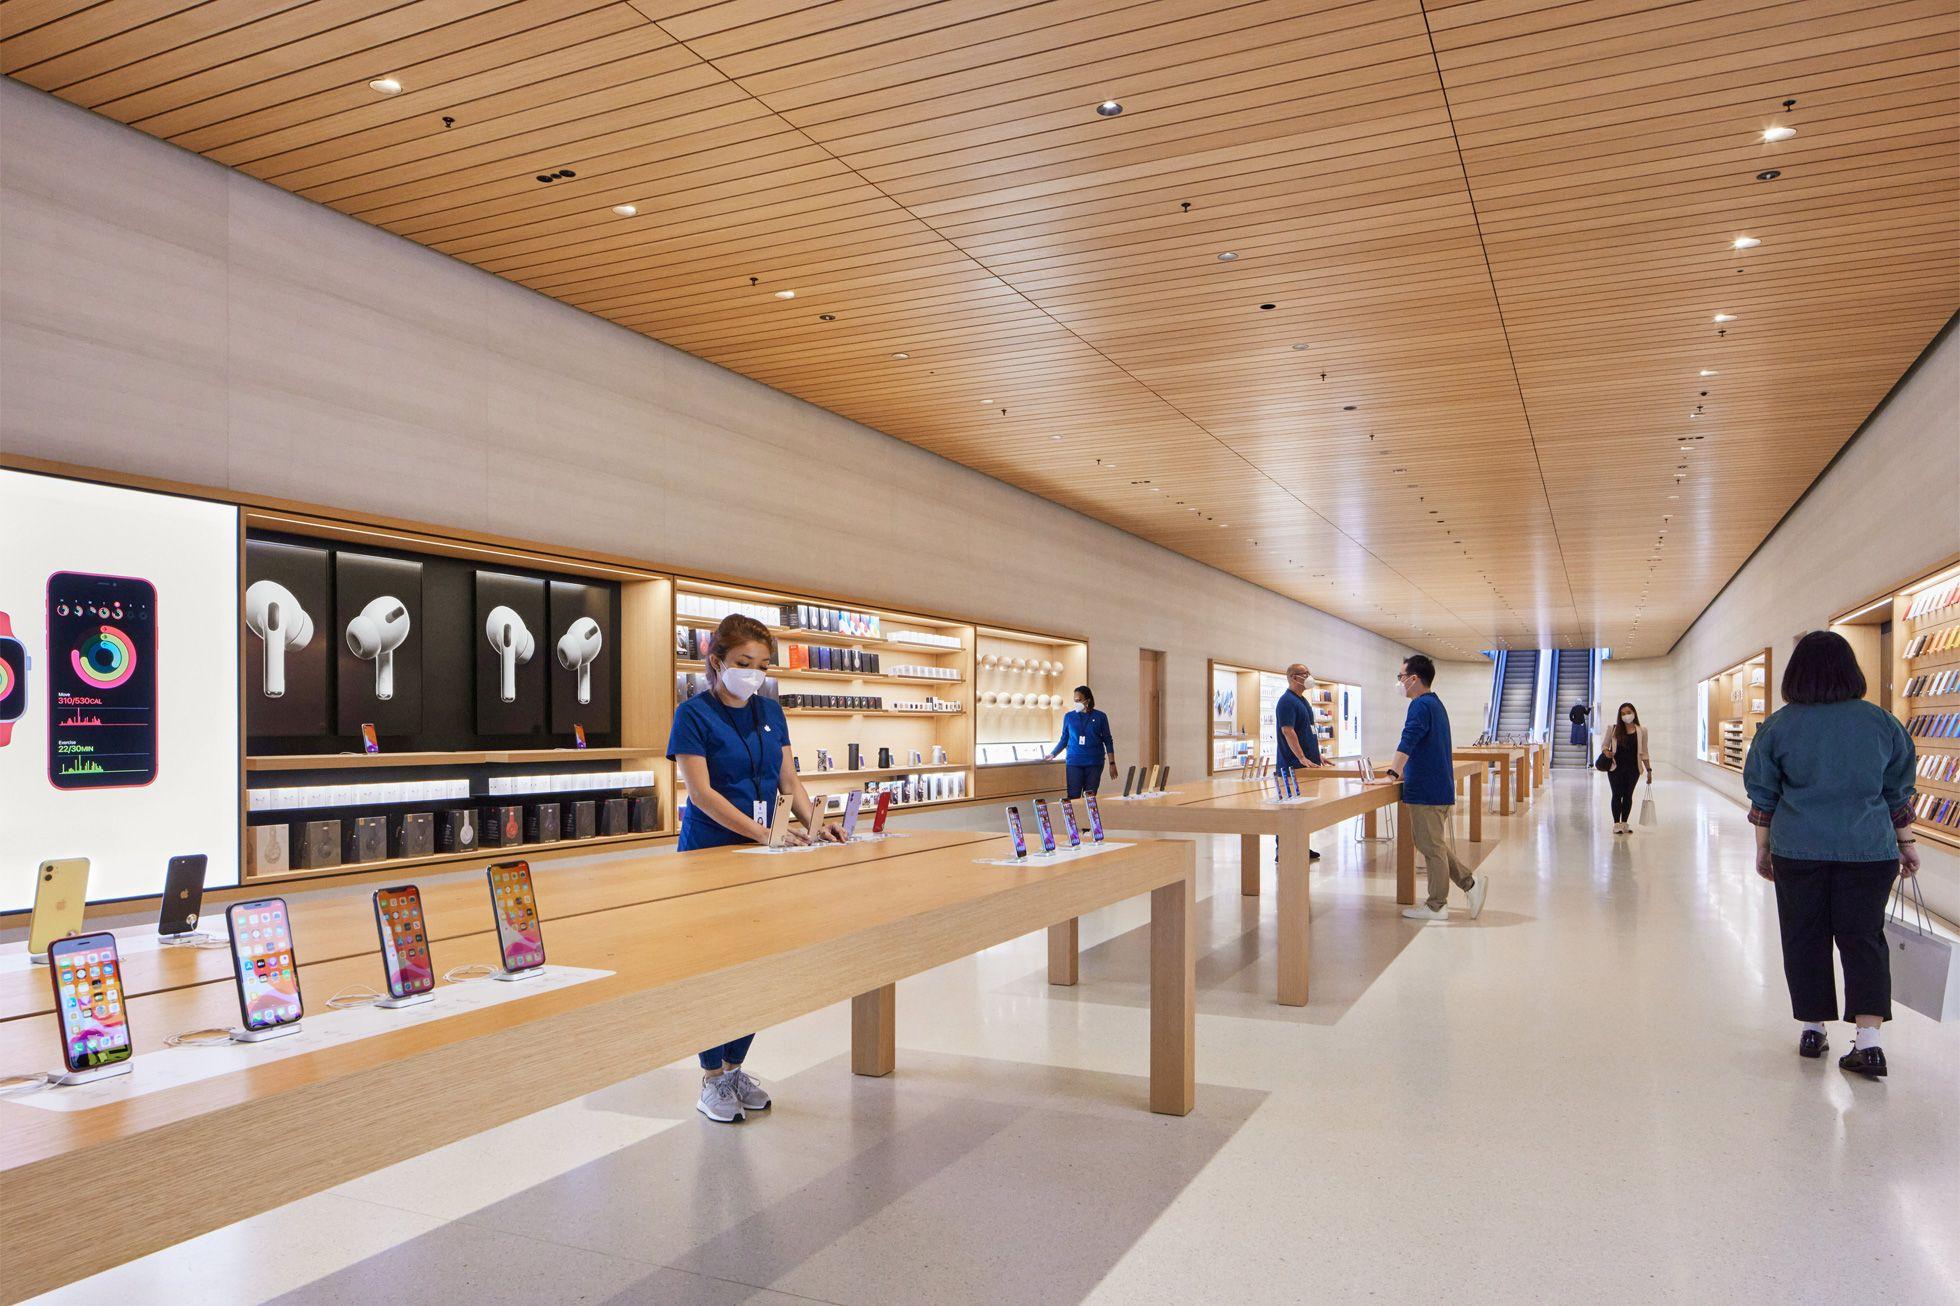 sau bao ngay cho doi, apple store ''noi tren mat nuoc'' chinh thuc khai truong khien fans dung ngoi khong yen - anh 6